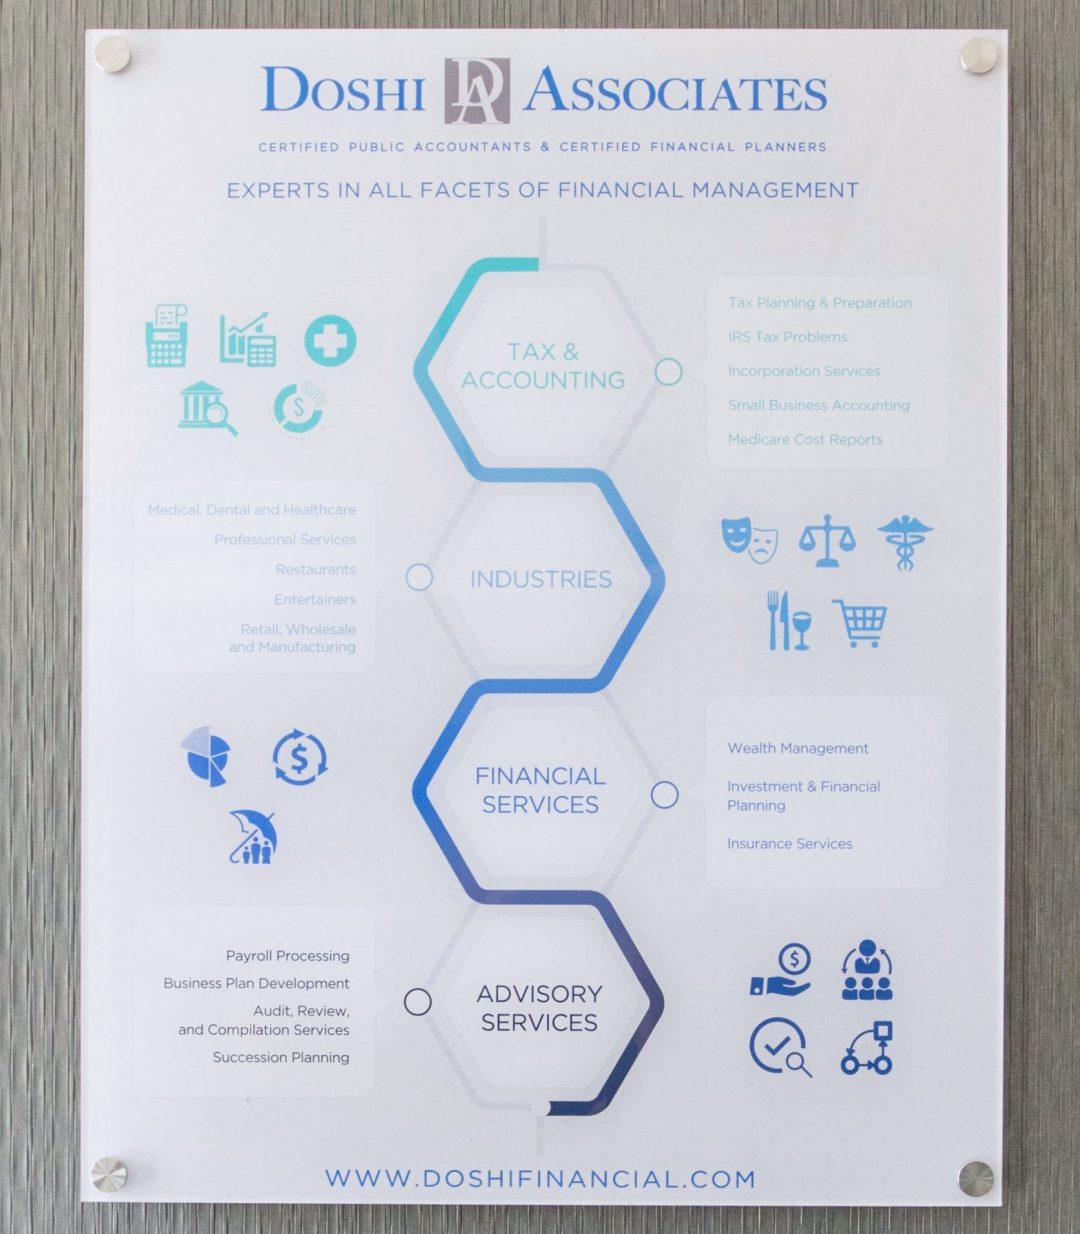 Doshi Infographic Signage